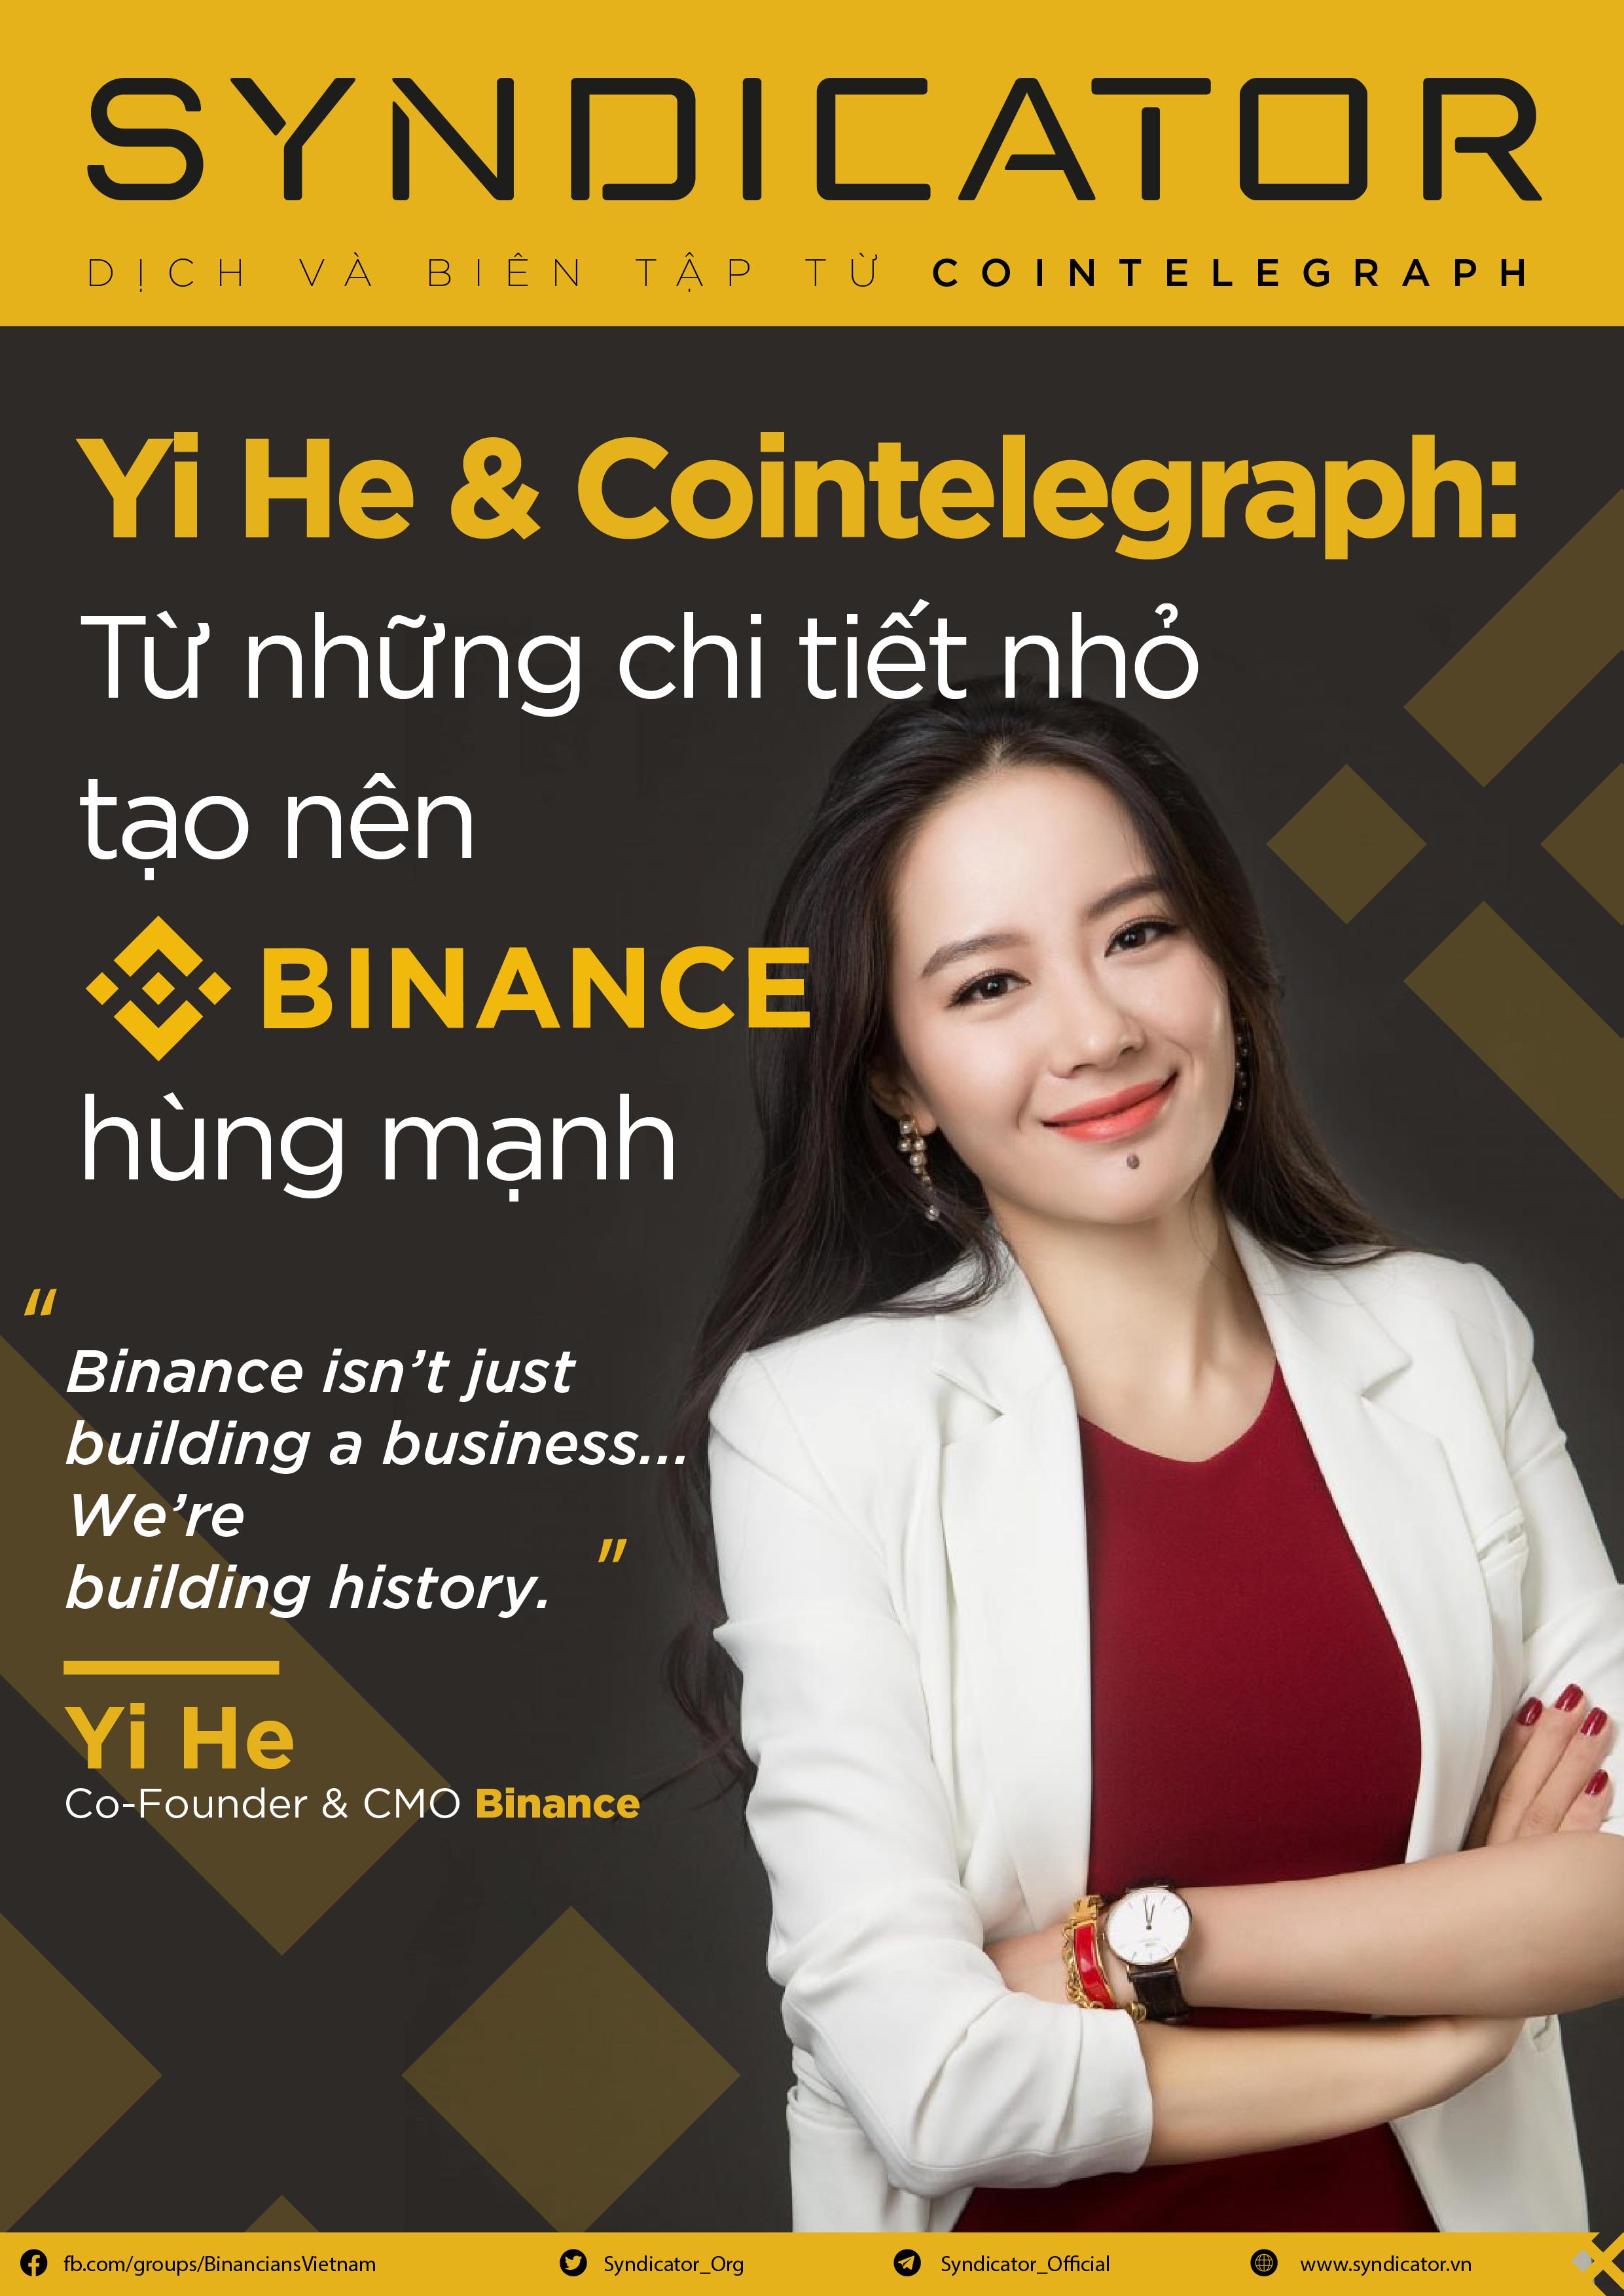 Yi He & Cointelegraph: Từ những chi tiết nhỏ tạo nên Binance hùng mạnh